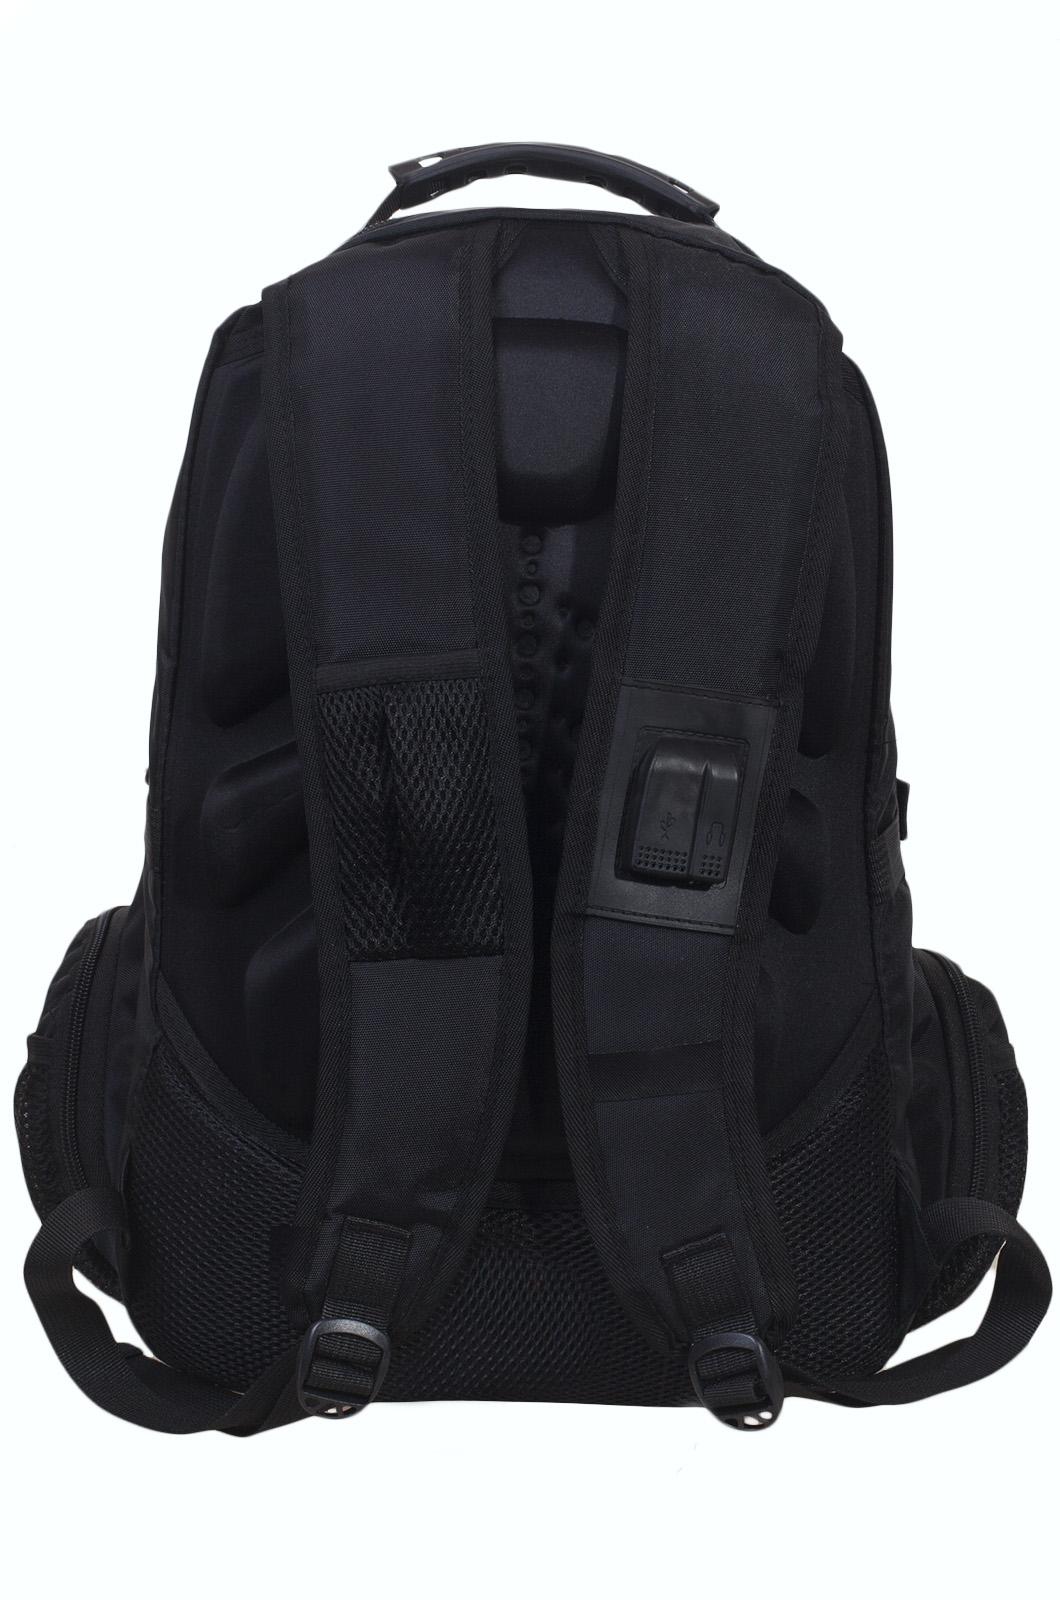 Отличный мужской рюкзак с шевроном ДШБ купить онлайн